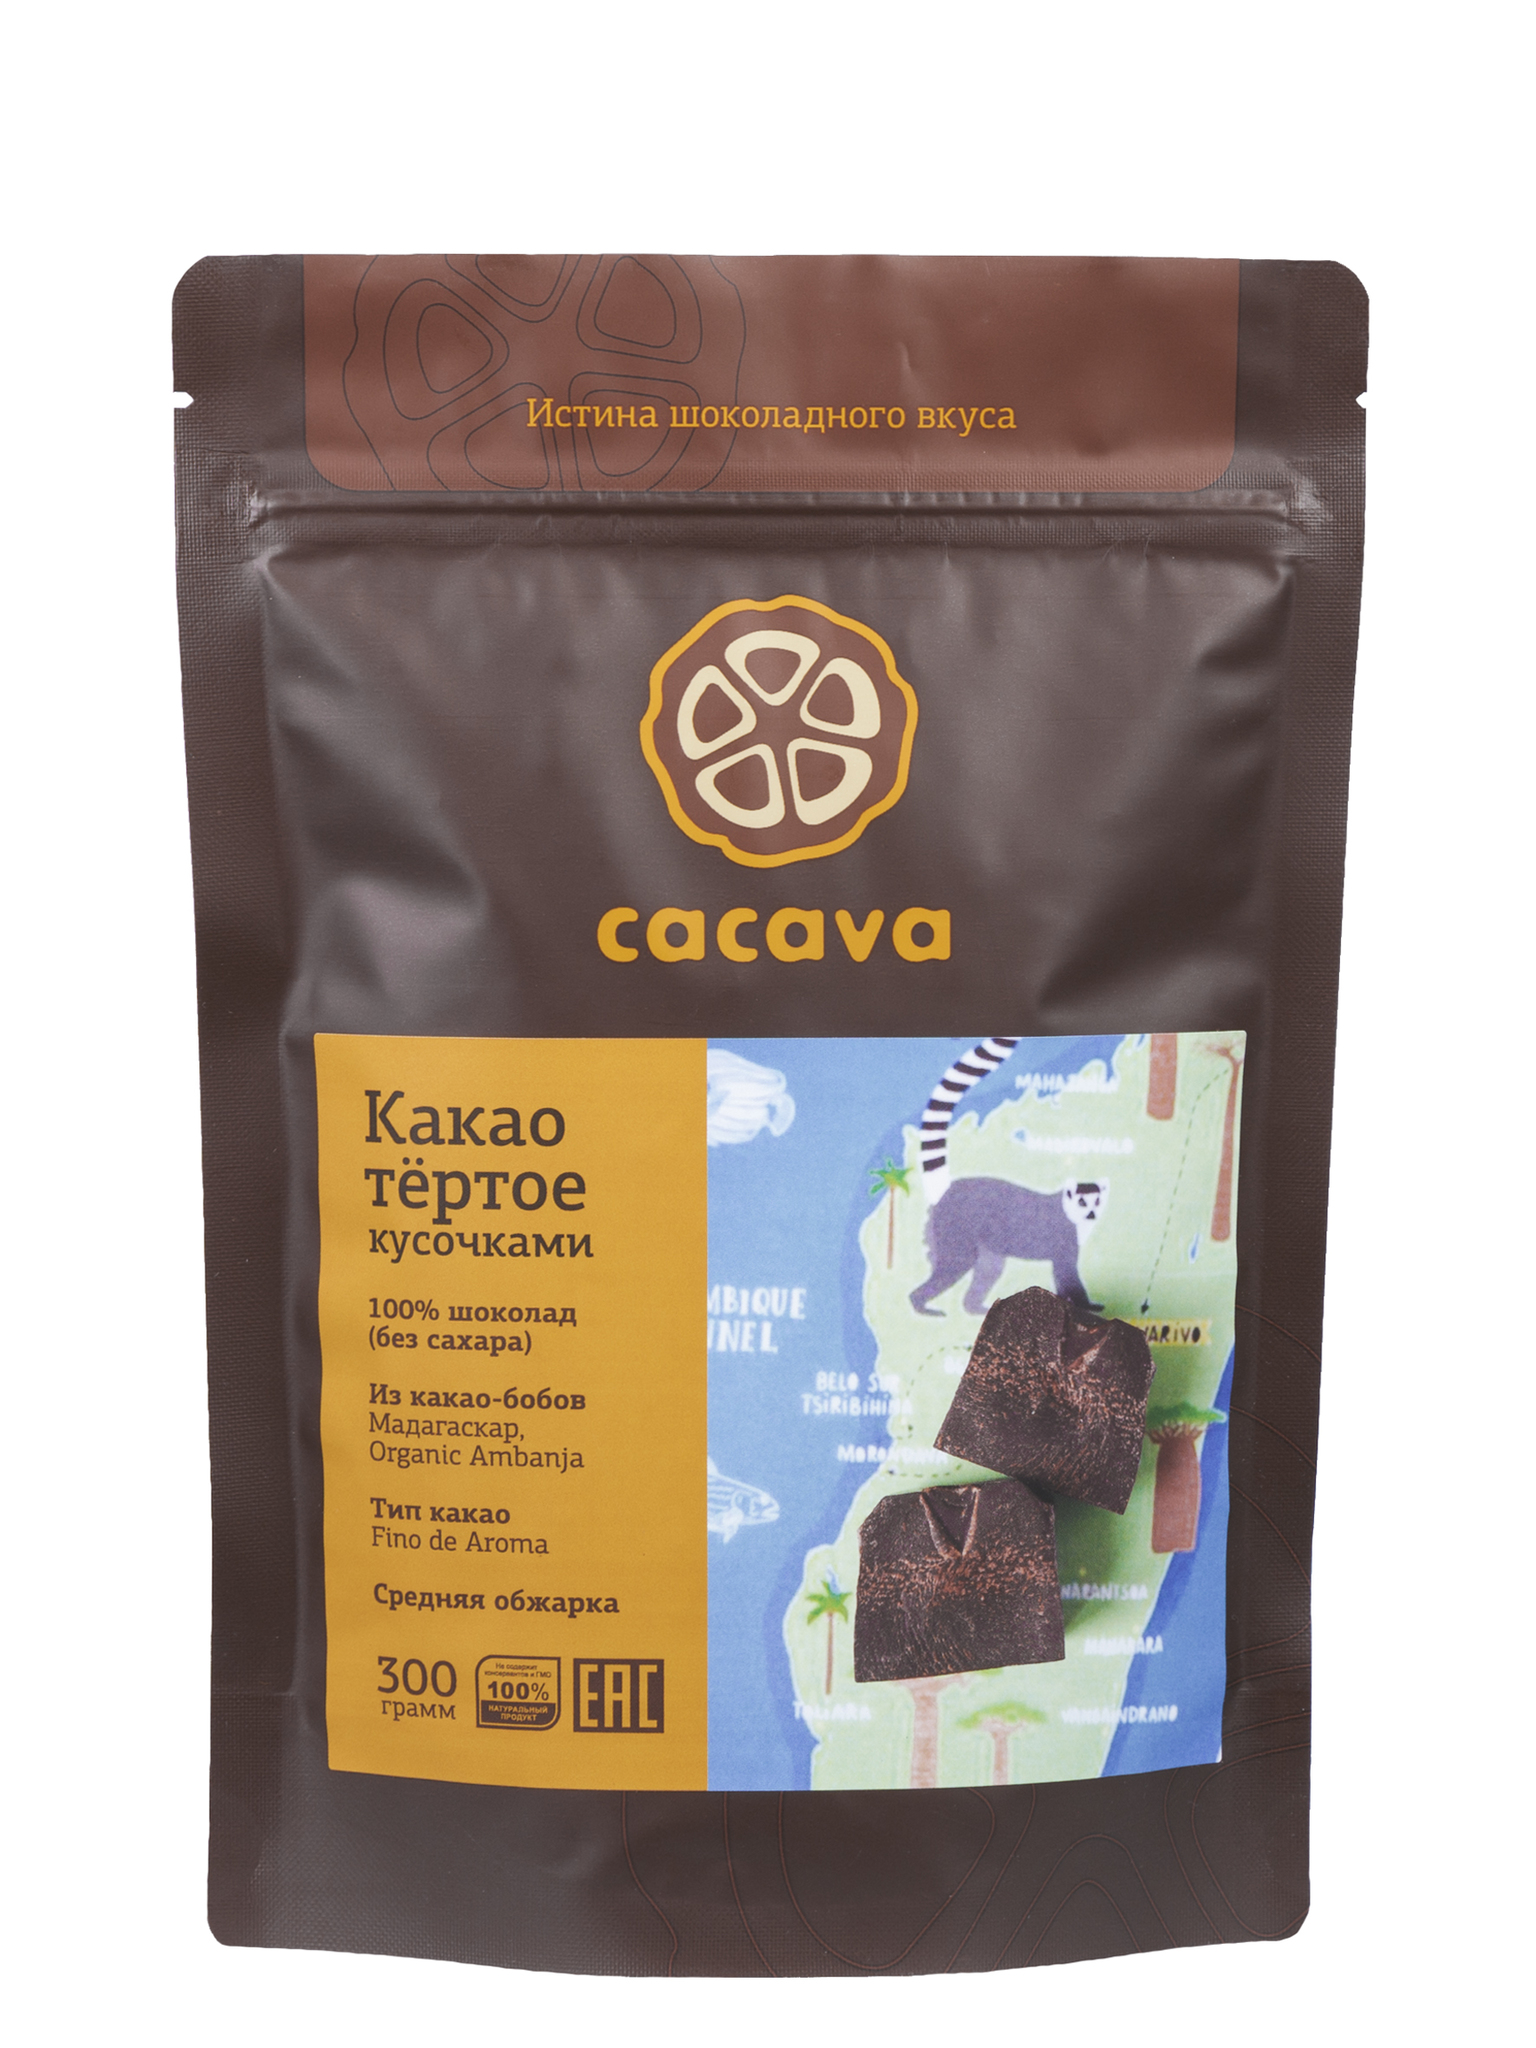 Какао тёртое кусочками (Мадагаскар), упаковка 300 грамм